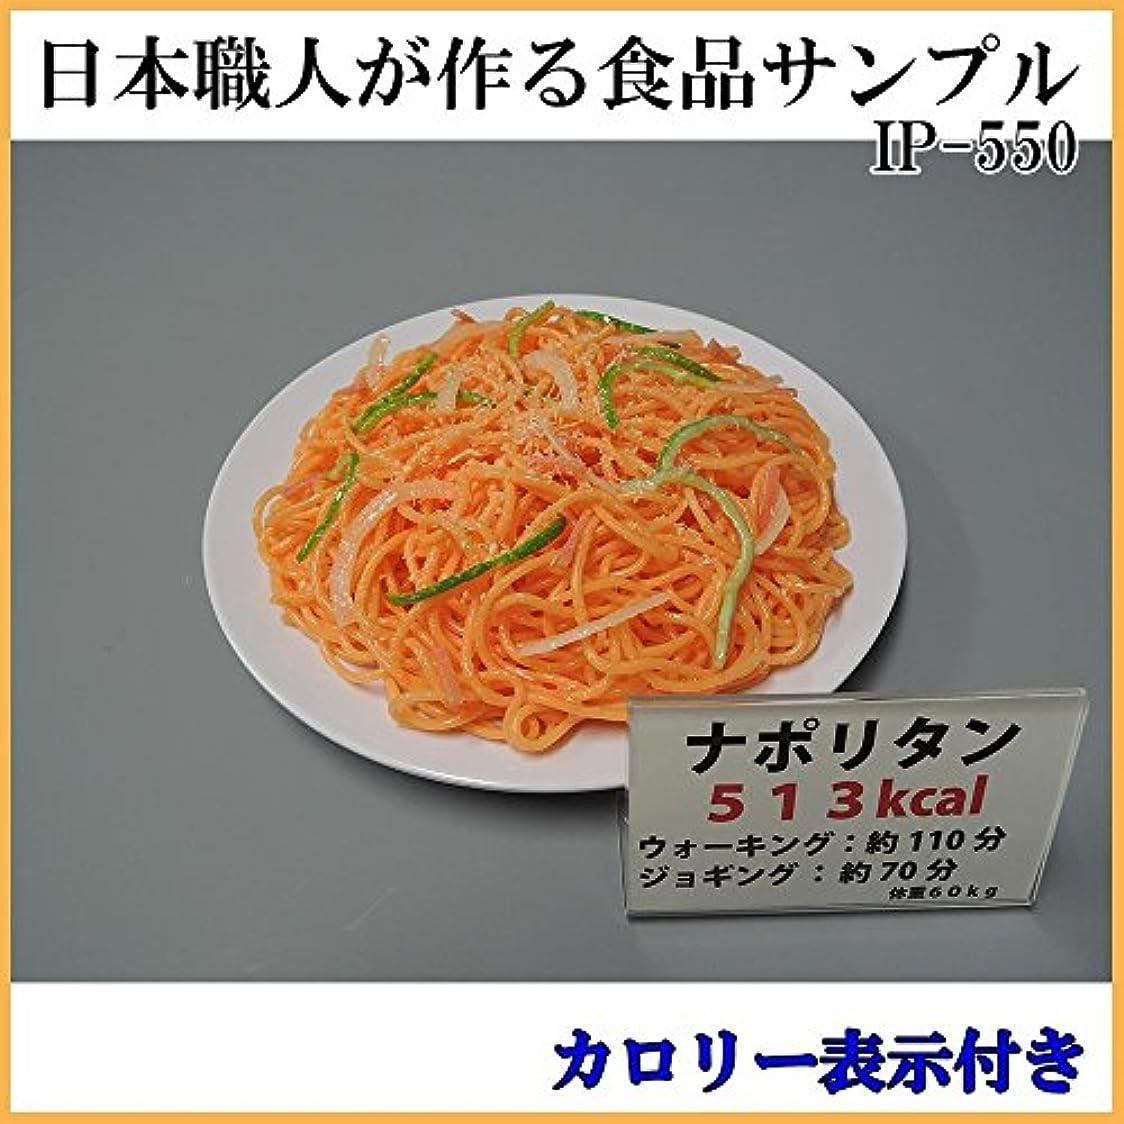 尾化学薬品終わった日本職人が作る 食品サンプル カロリー表示付き ナポリタン IP-550